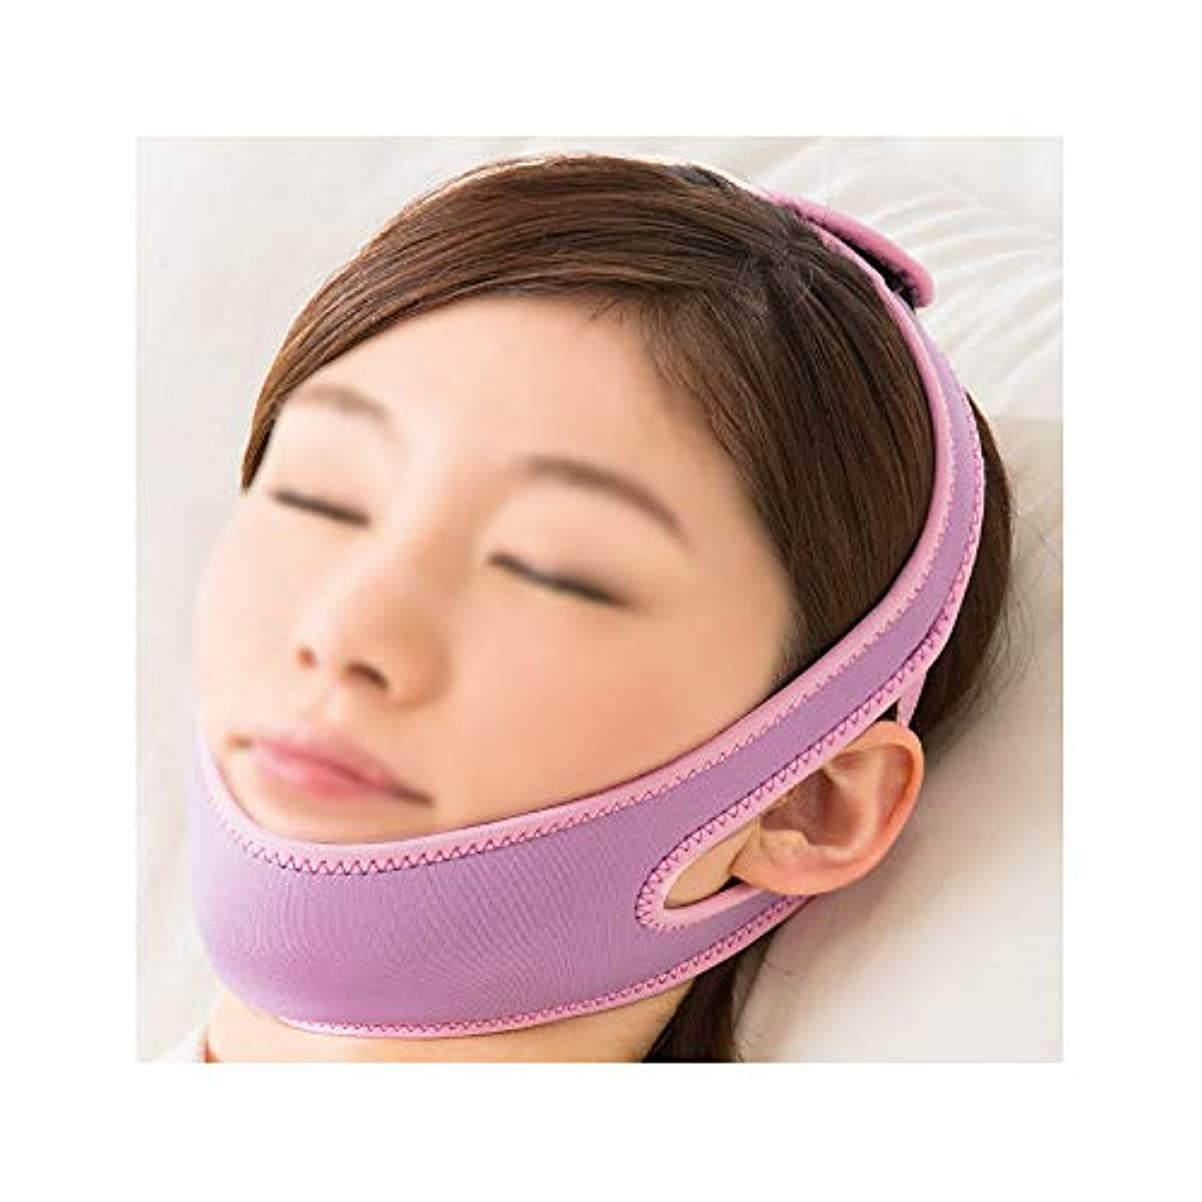 守るローラー小康GLJJQMY マスクフェイスリフトアーチファクトマスク垂れ顔小さいVフェイス包帯通気性睡眠両面あごスーツ睡眠弾性痩身ベルト 顔用整形マスク